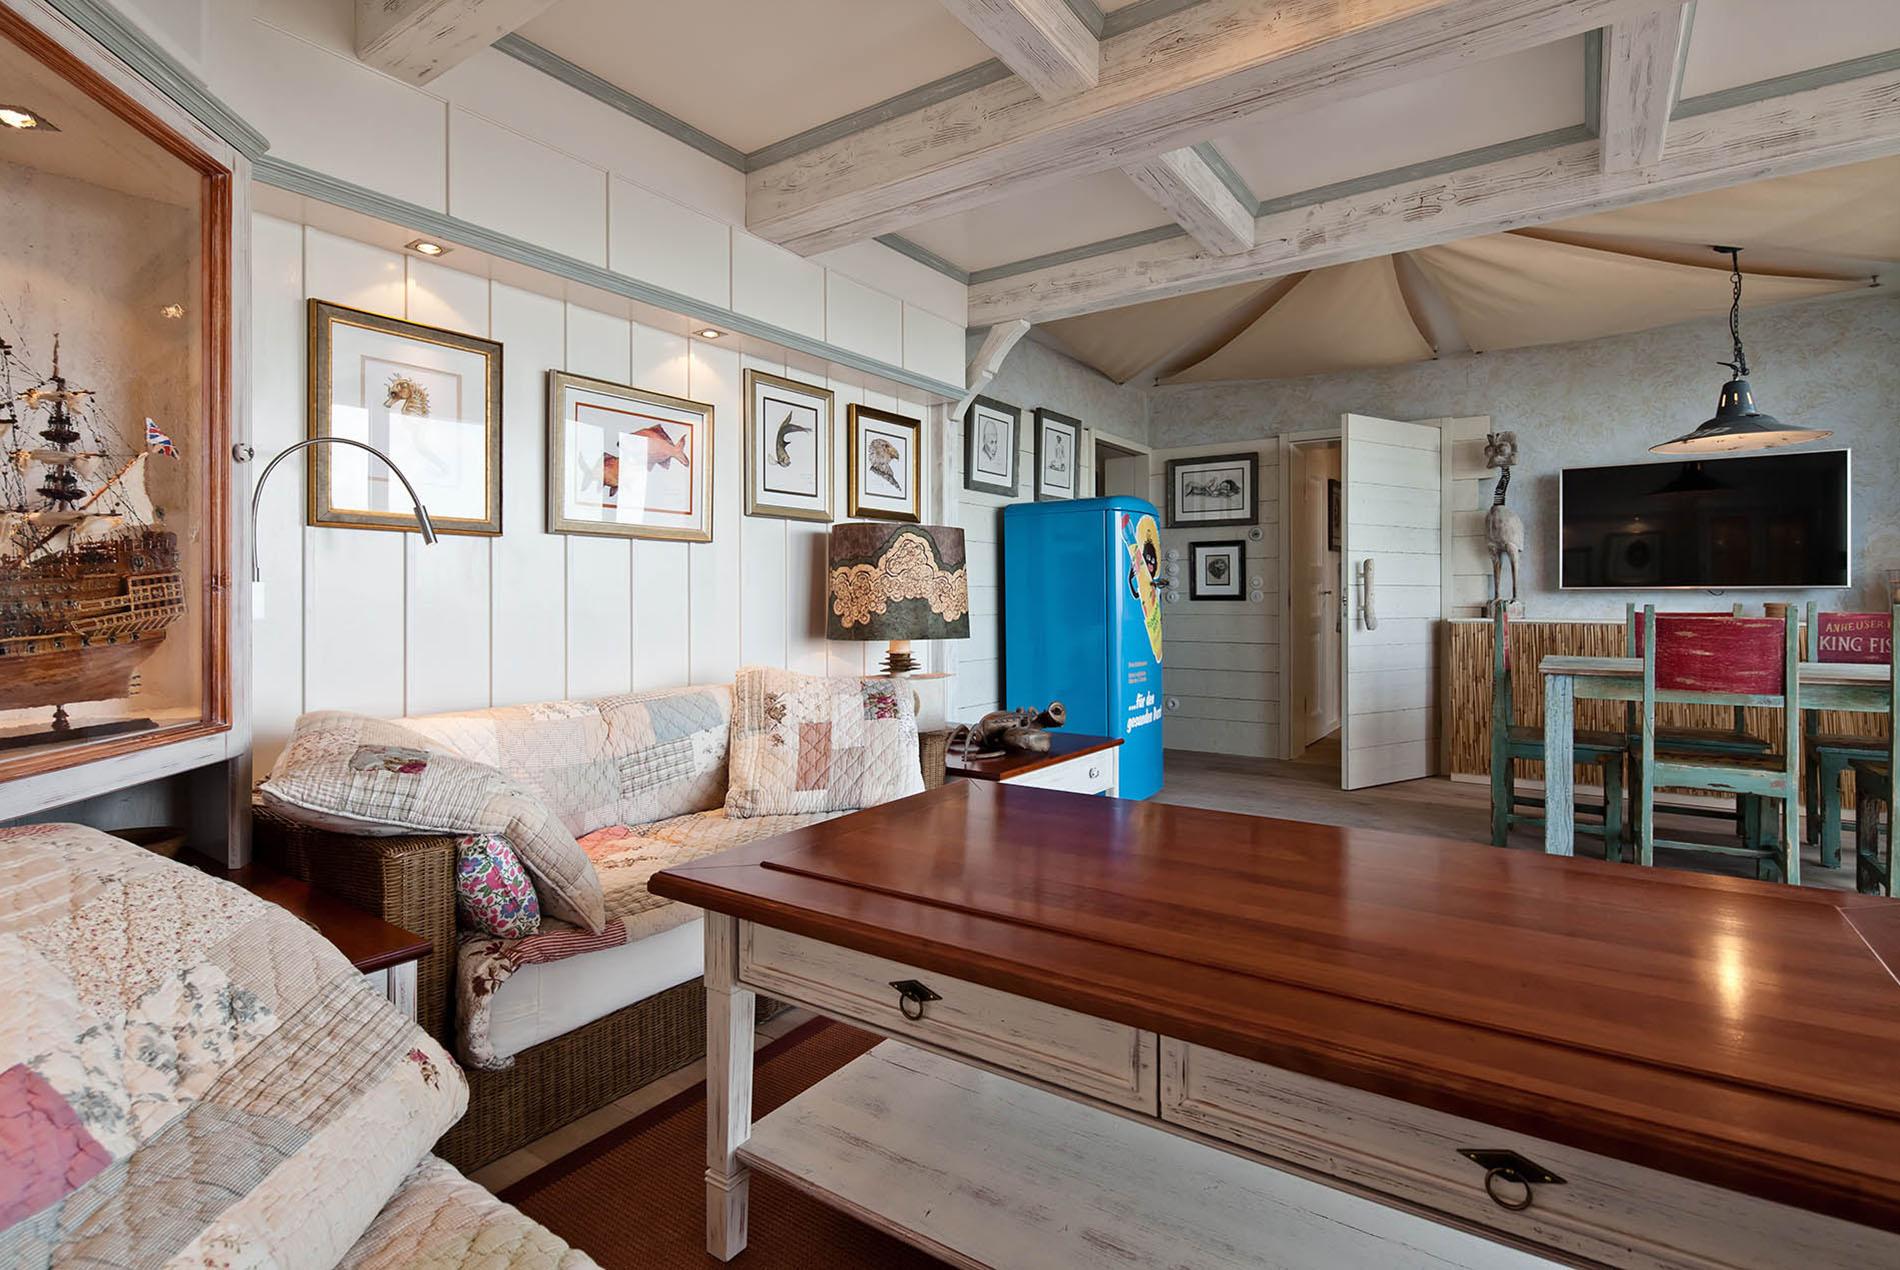 Uriges Wohnzimmer Im Surfer Style Tischlerei Schopker